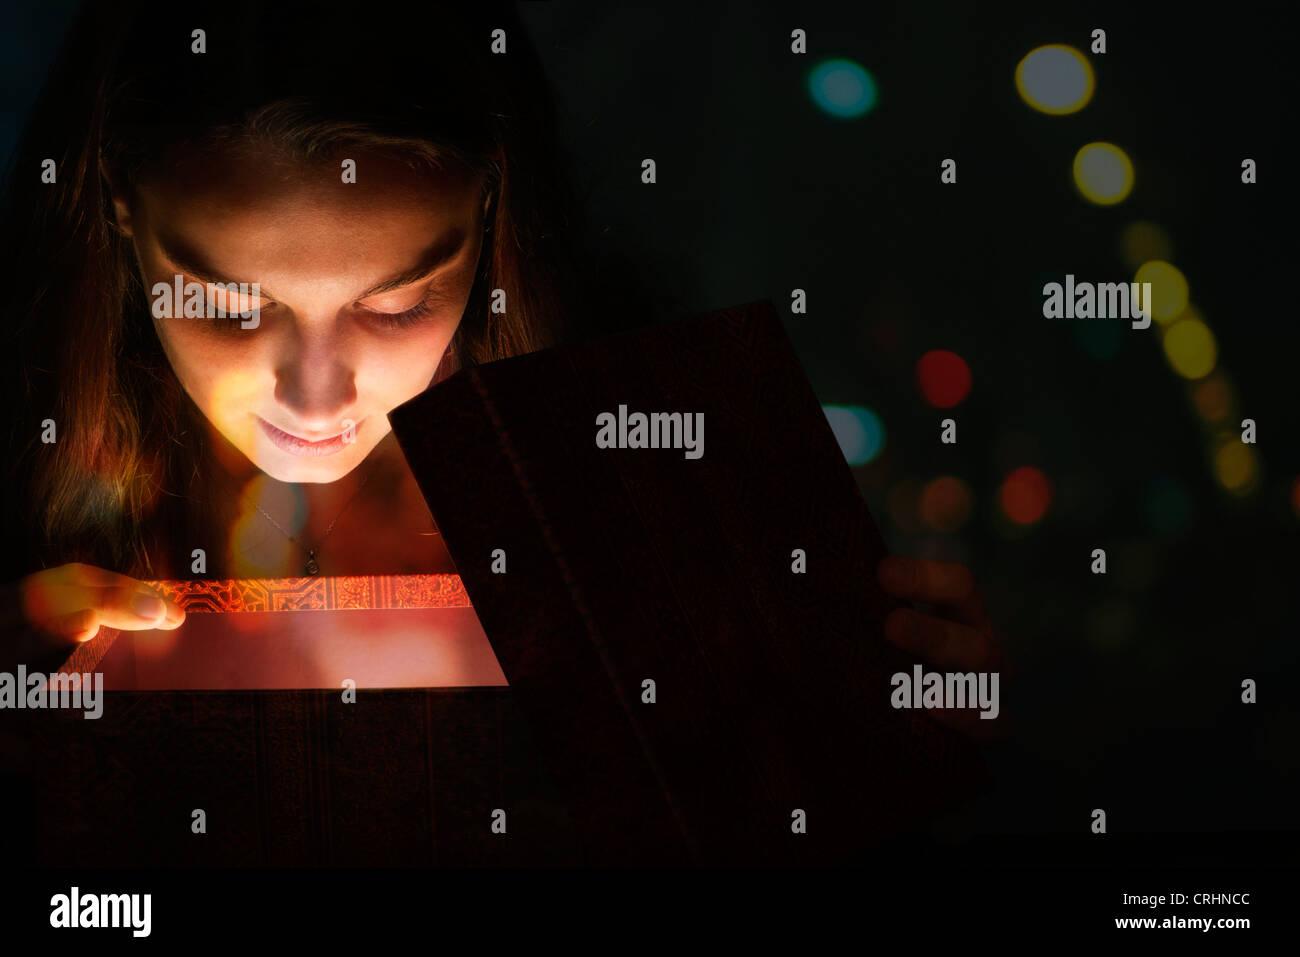 Jeune femme éclairé par la lumière de l'intérieur de boîte-cadeau Photo Stock